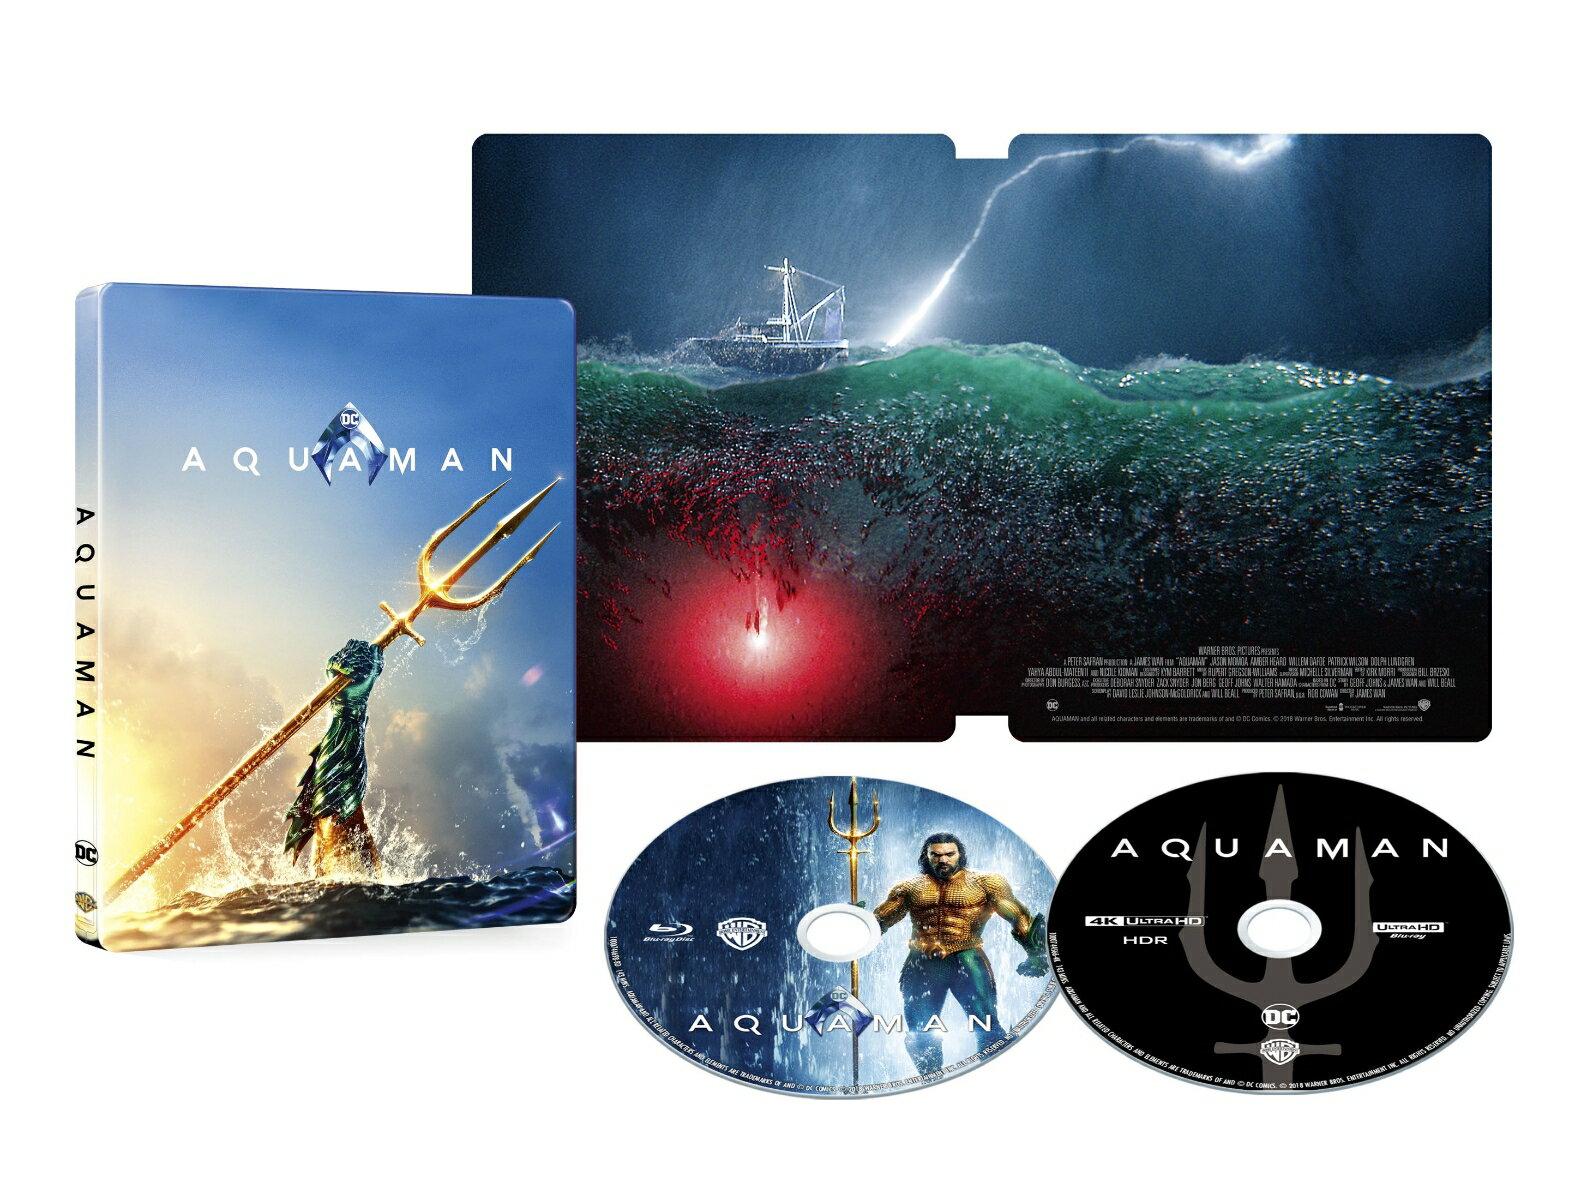 アクアマン スチールブック仕様 <4K ULTRA HD&ブルーレイセット>(2,000セット限定/2枚組)(数量限定生産)【4K ULTRA HD】